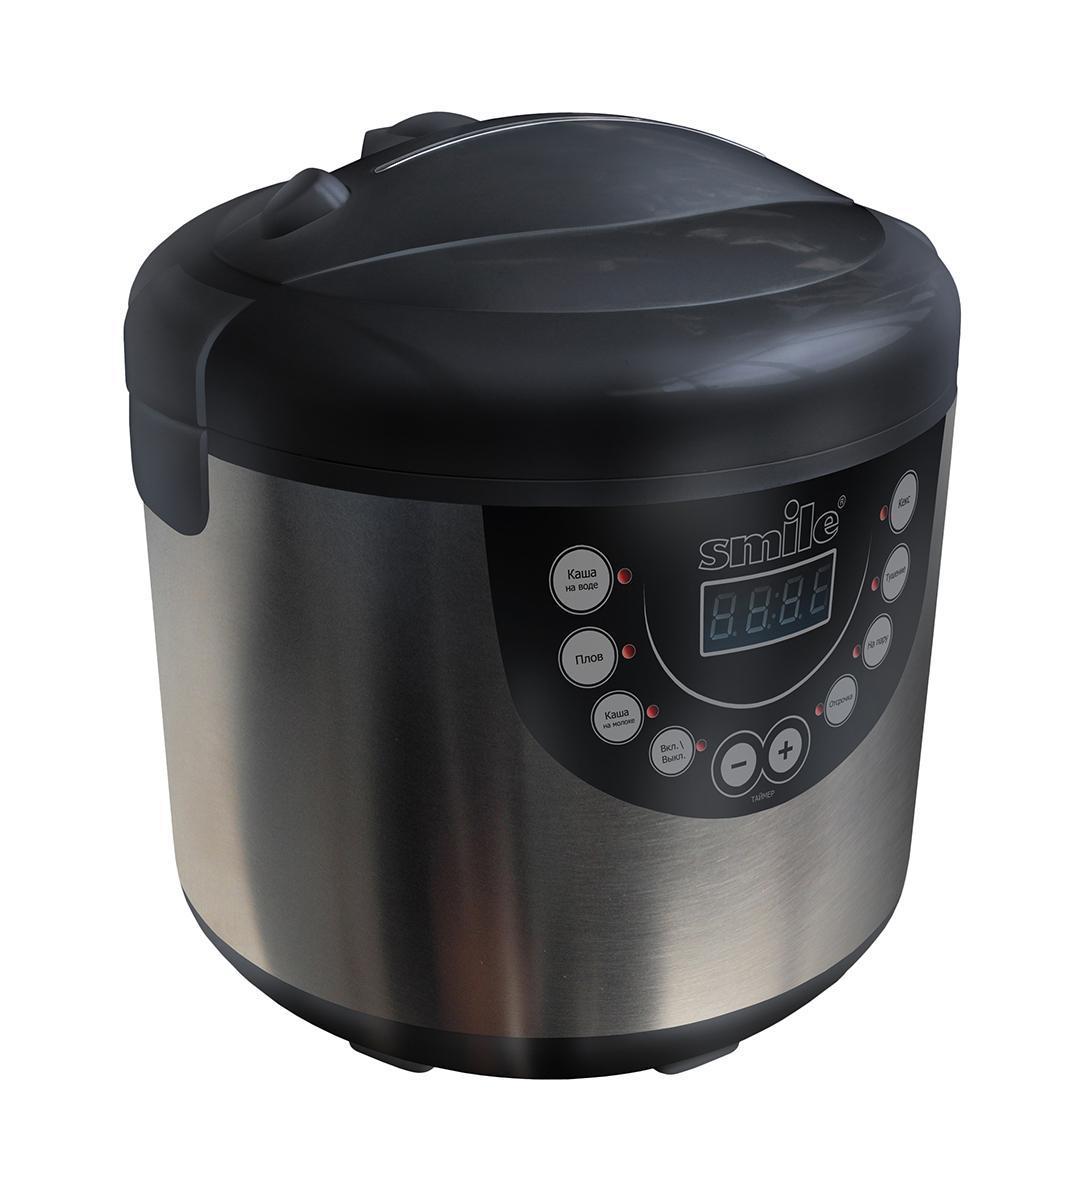 Smile MPC 1141 мультиваркаMPC 1141Мультиварка Smile MPC 1141 - автономный полифункциональный прибор для простого и удобного приготовления пищи для всей семьи. В мультиварке запрограммировано шесть фиксированных режимов приготовления пищи, ручной режим дает возможность приготовления разных блюд: каши, плов, молочные блюда, выпечку, также есть функции тушения и приготовления на пару. С помощью функции отсрочки приготовления вы можете задать любое время начала приготовления. Автоматический режим подогрева, который включается после того, как приготовление закончено, позволит сохранить блюдо горячим в течение 17 часов после приготовления. Режимы приготовления блюд: каши, тушение, выпечка, плов, режим пароварки, помогут приготовить все разнообразие блюд. В мультиварке так же можно приготовить супы, холодец и даже тушенку. Ручной режим даст возможность готовить по собственным рецептам и создаст возможность для кулинарного творчества. Дисплей поможет следить за программой приготовления, отражая стадии на котором...